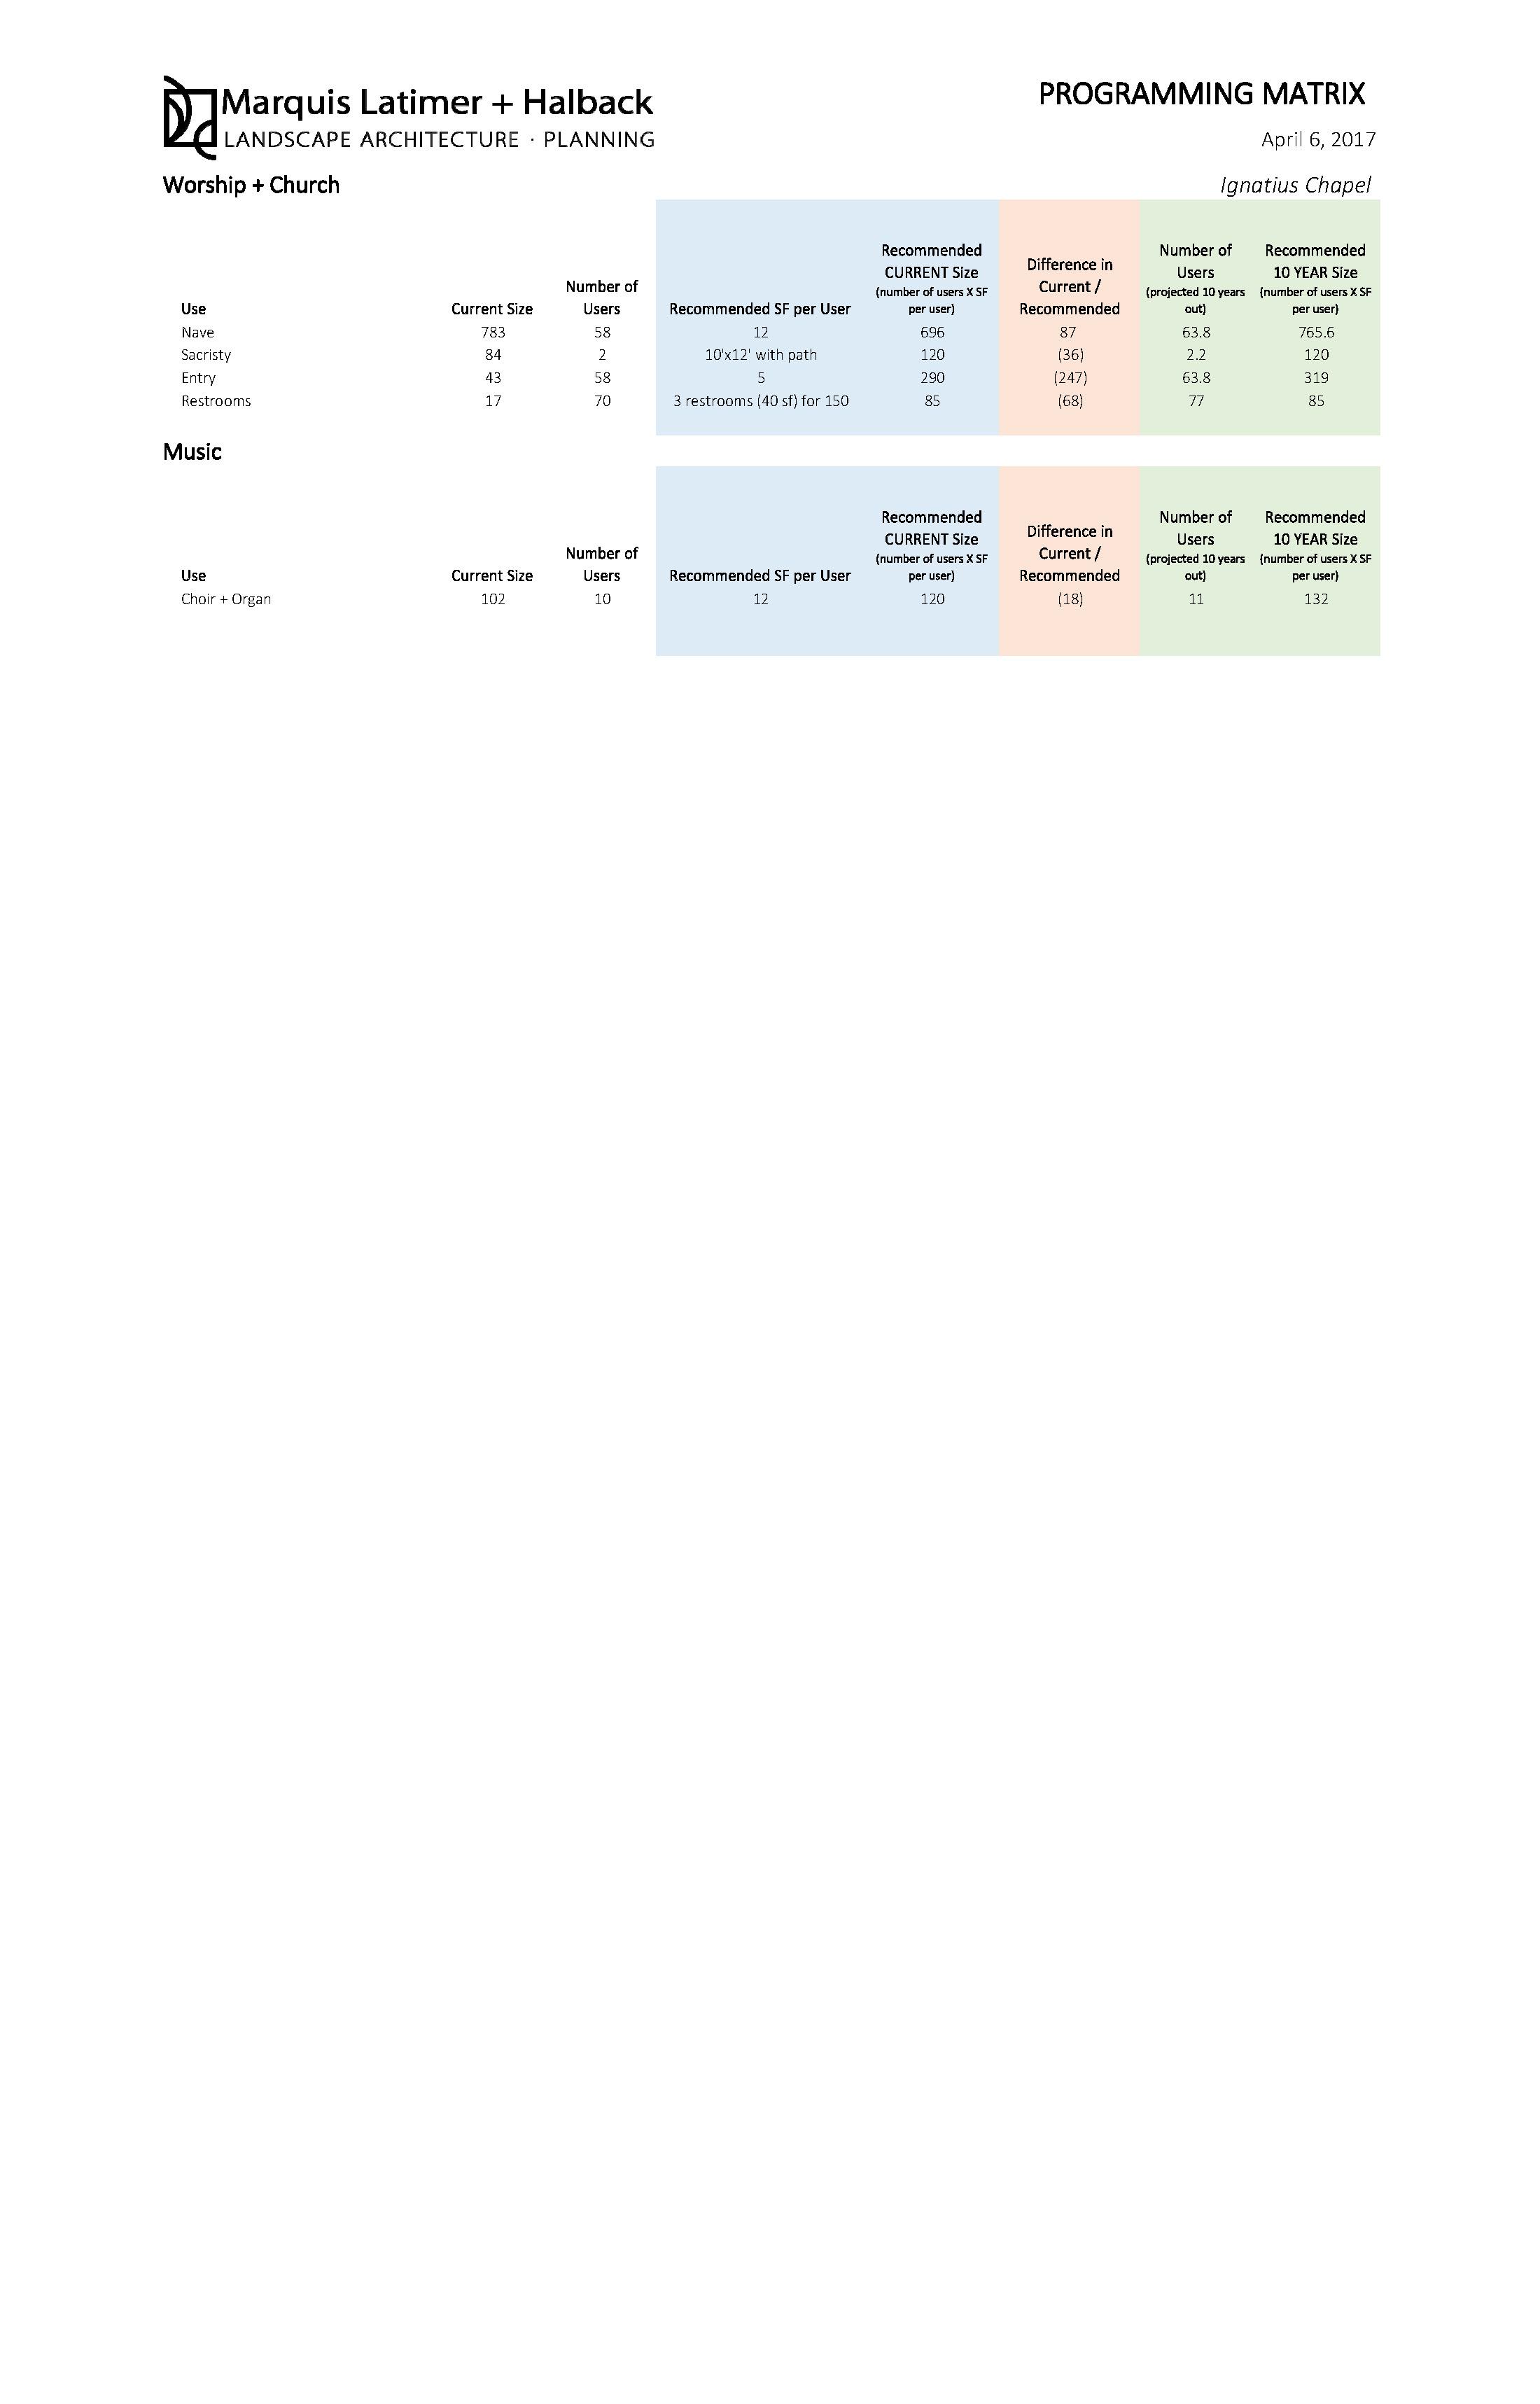 17.11.0-CCF_ProgrammingMatrix_Ignatius_final.pdf.jpg